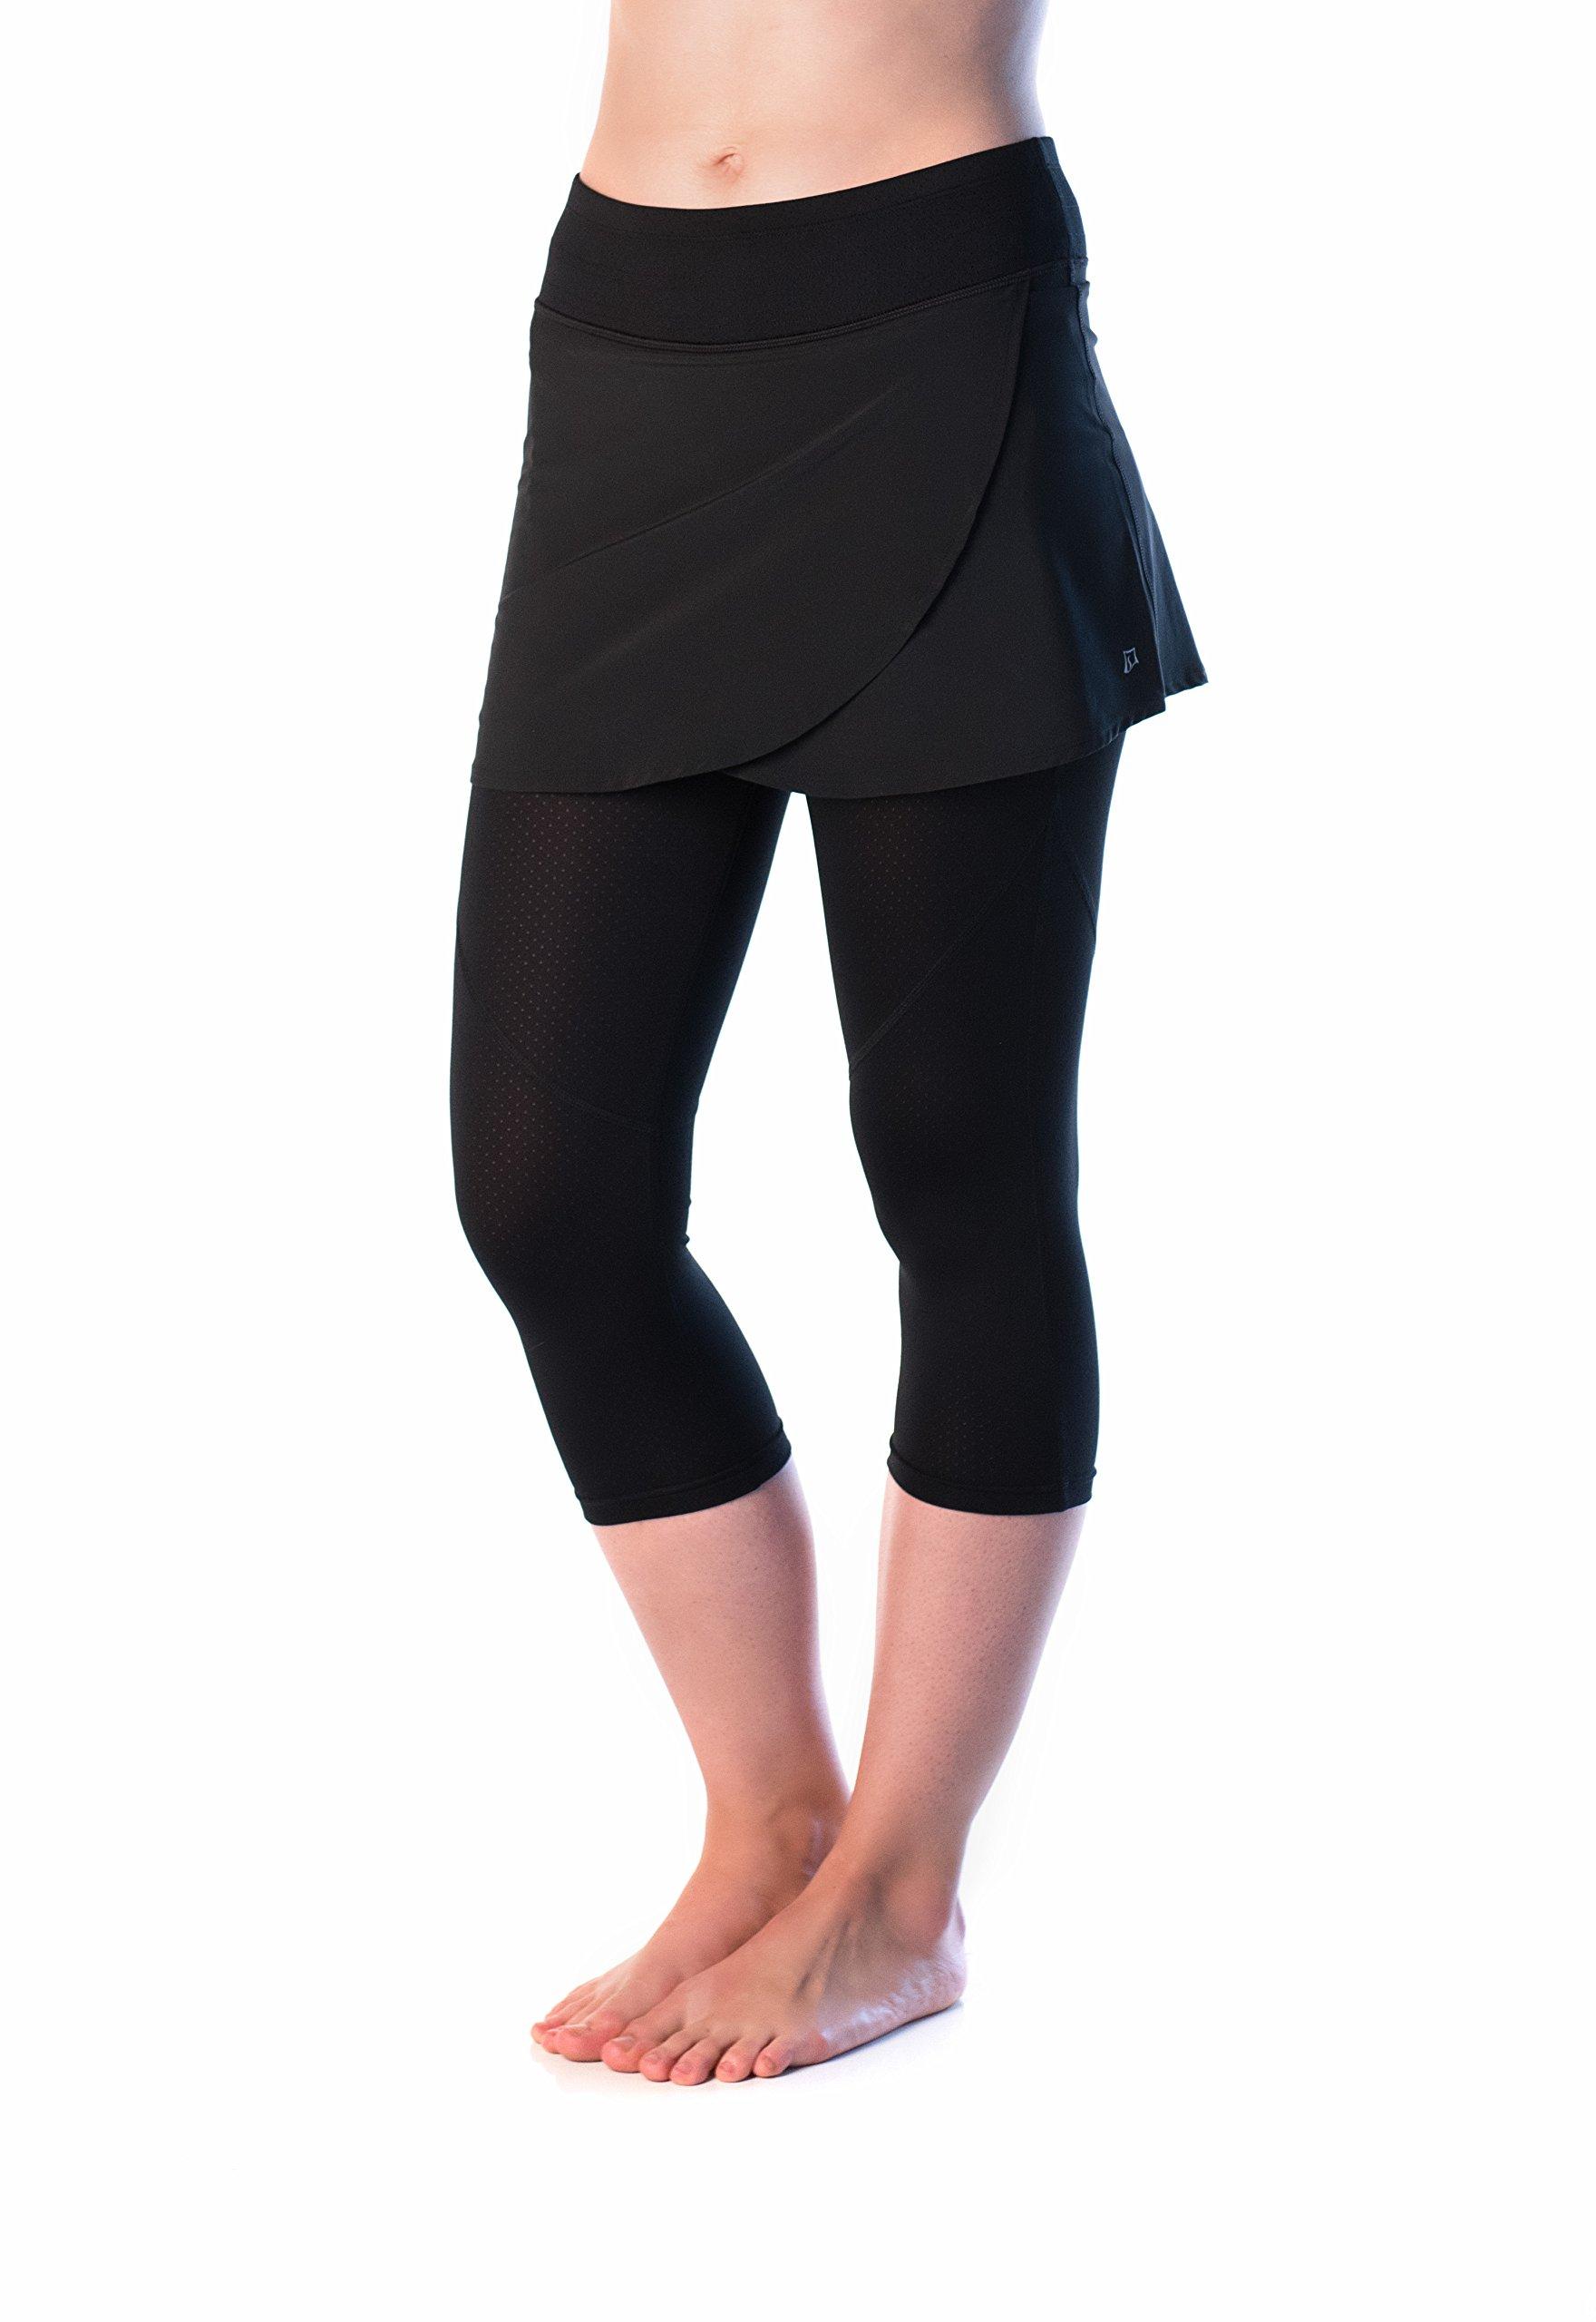 Skirt Sports Women's Hover Capri Skirt by Skirt Sports